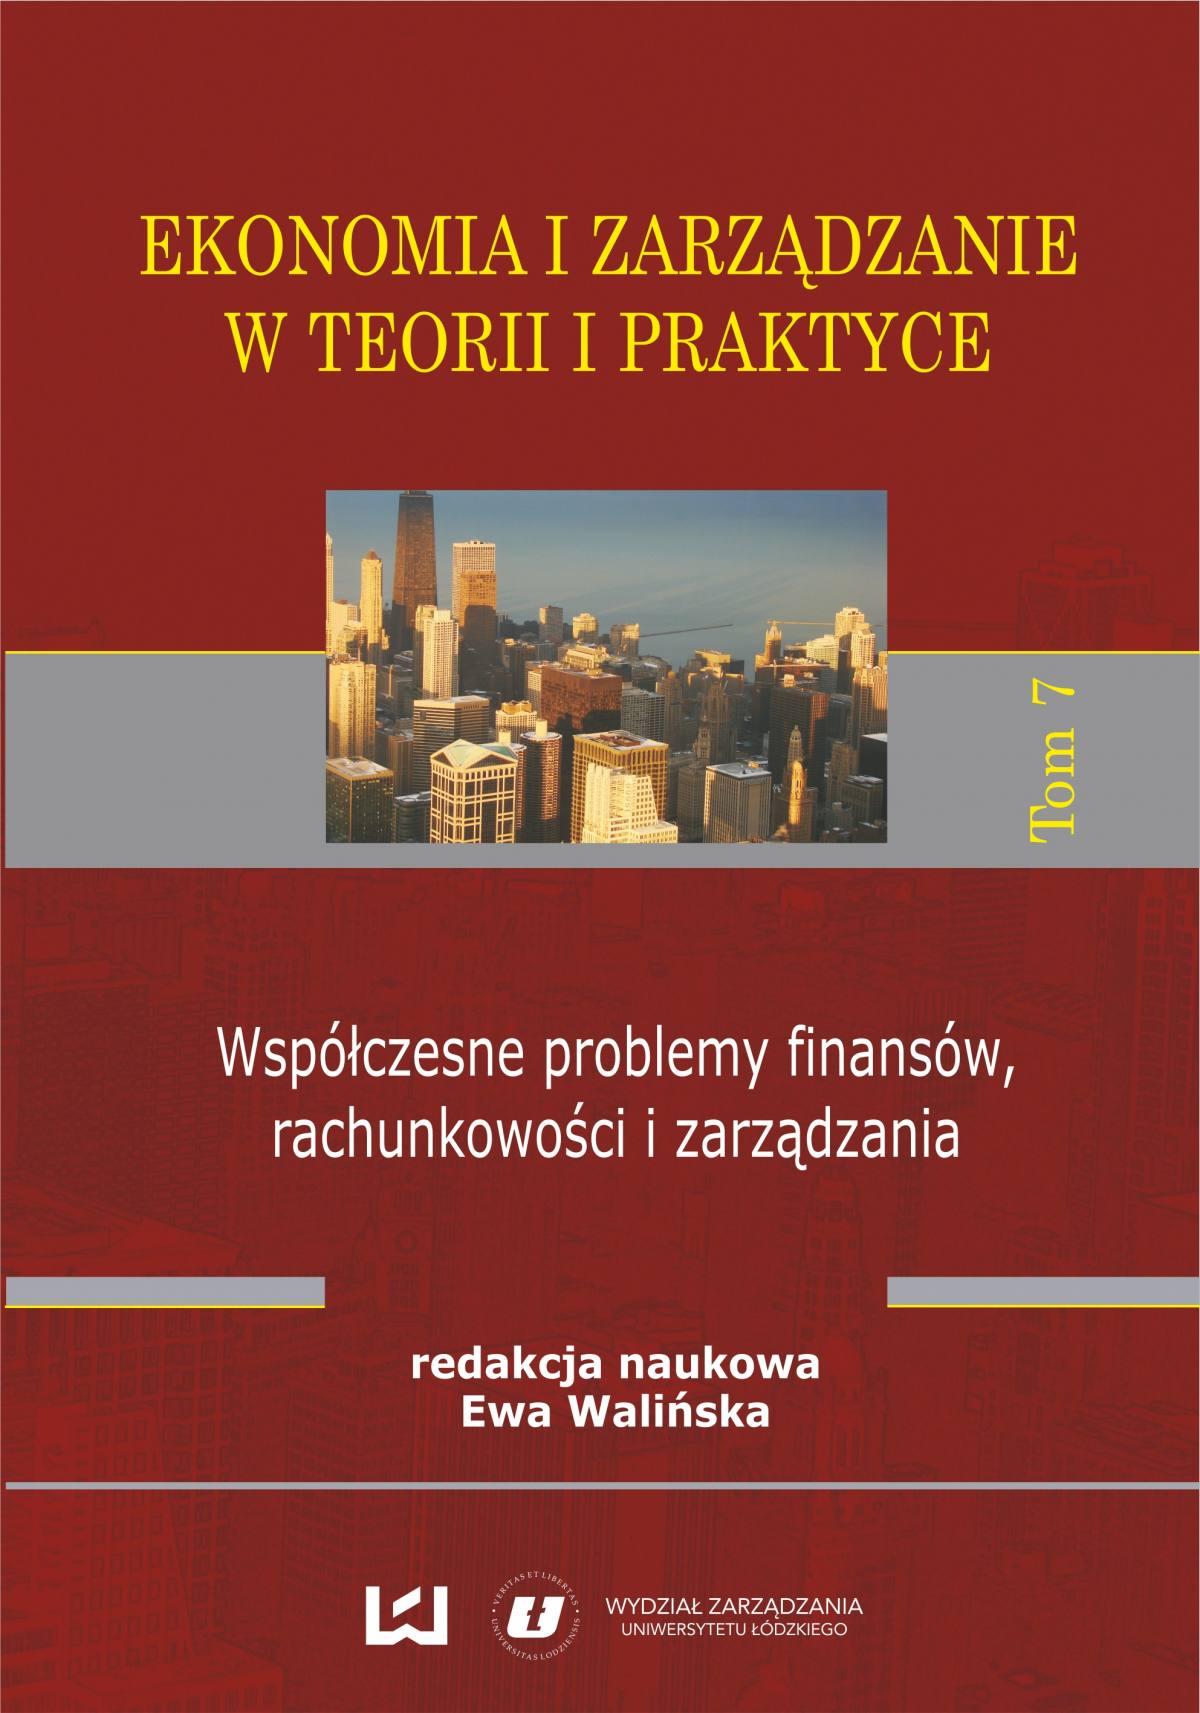 Ekonomia i zarządzanie w teorii i praktyce. Tom 7. Współczesne problemy finansów, rachunkowości i zarządzania - Ebook (Książka PDF) do pobrania w formacie PDF